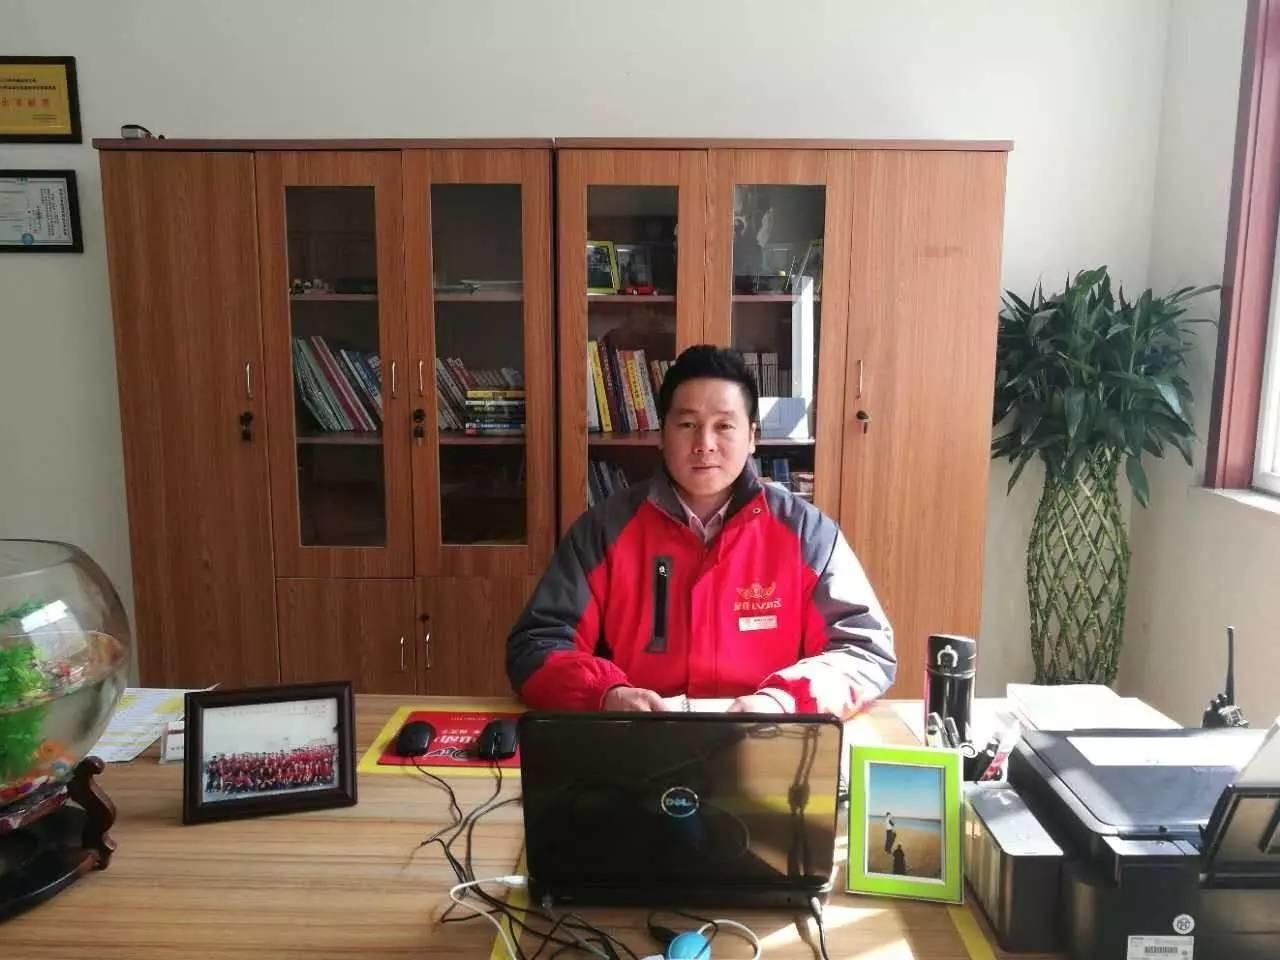 绿佳集团—天津分公司总经理胡扬龙讲述在绿佳的十年